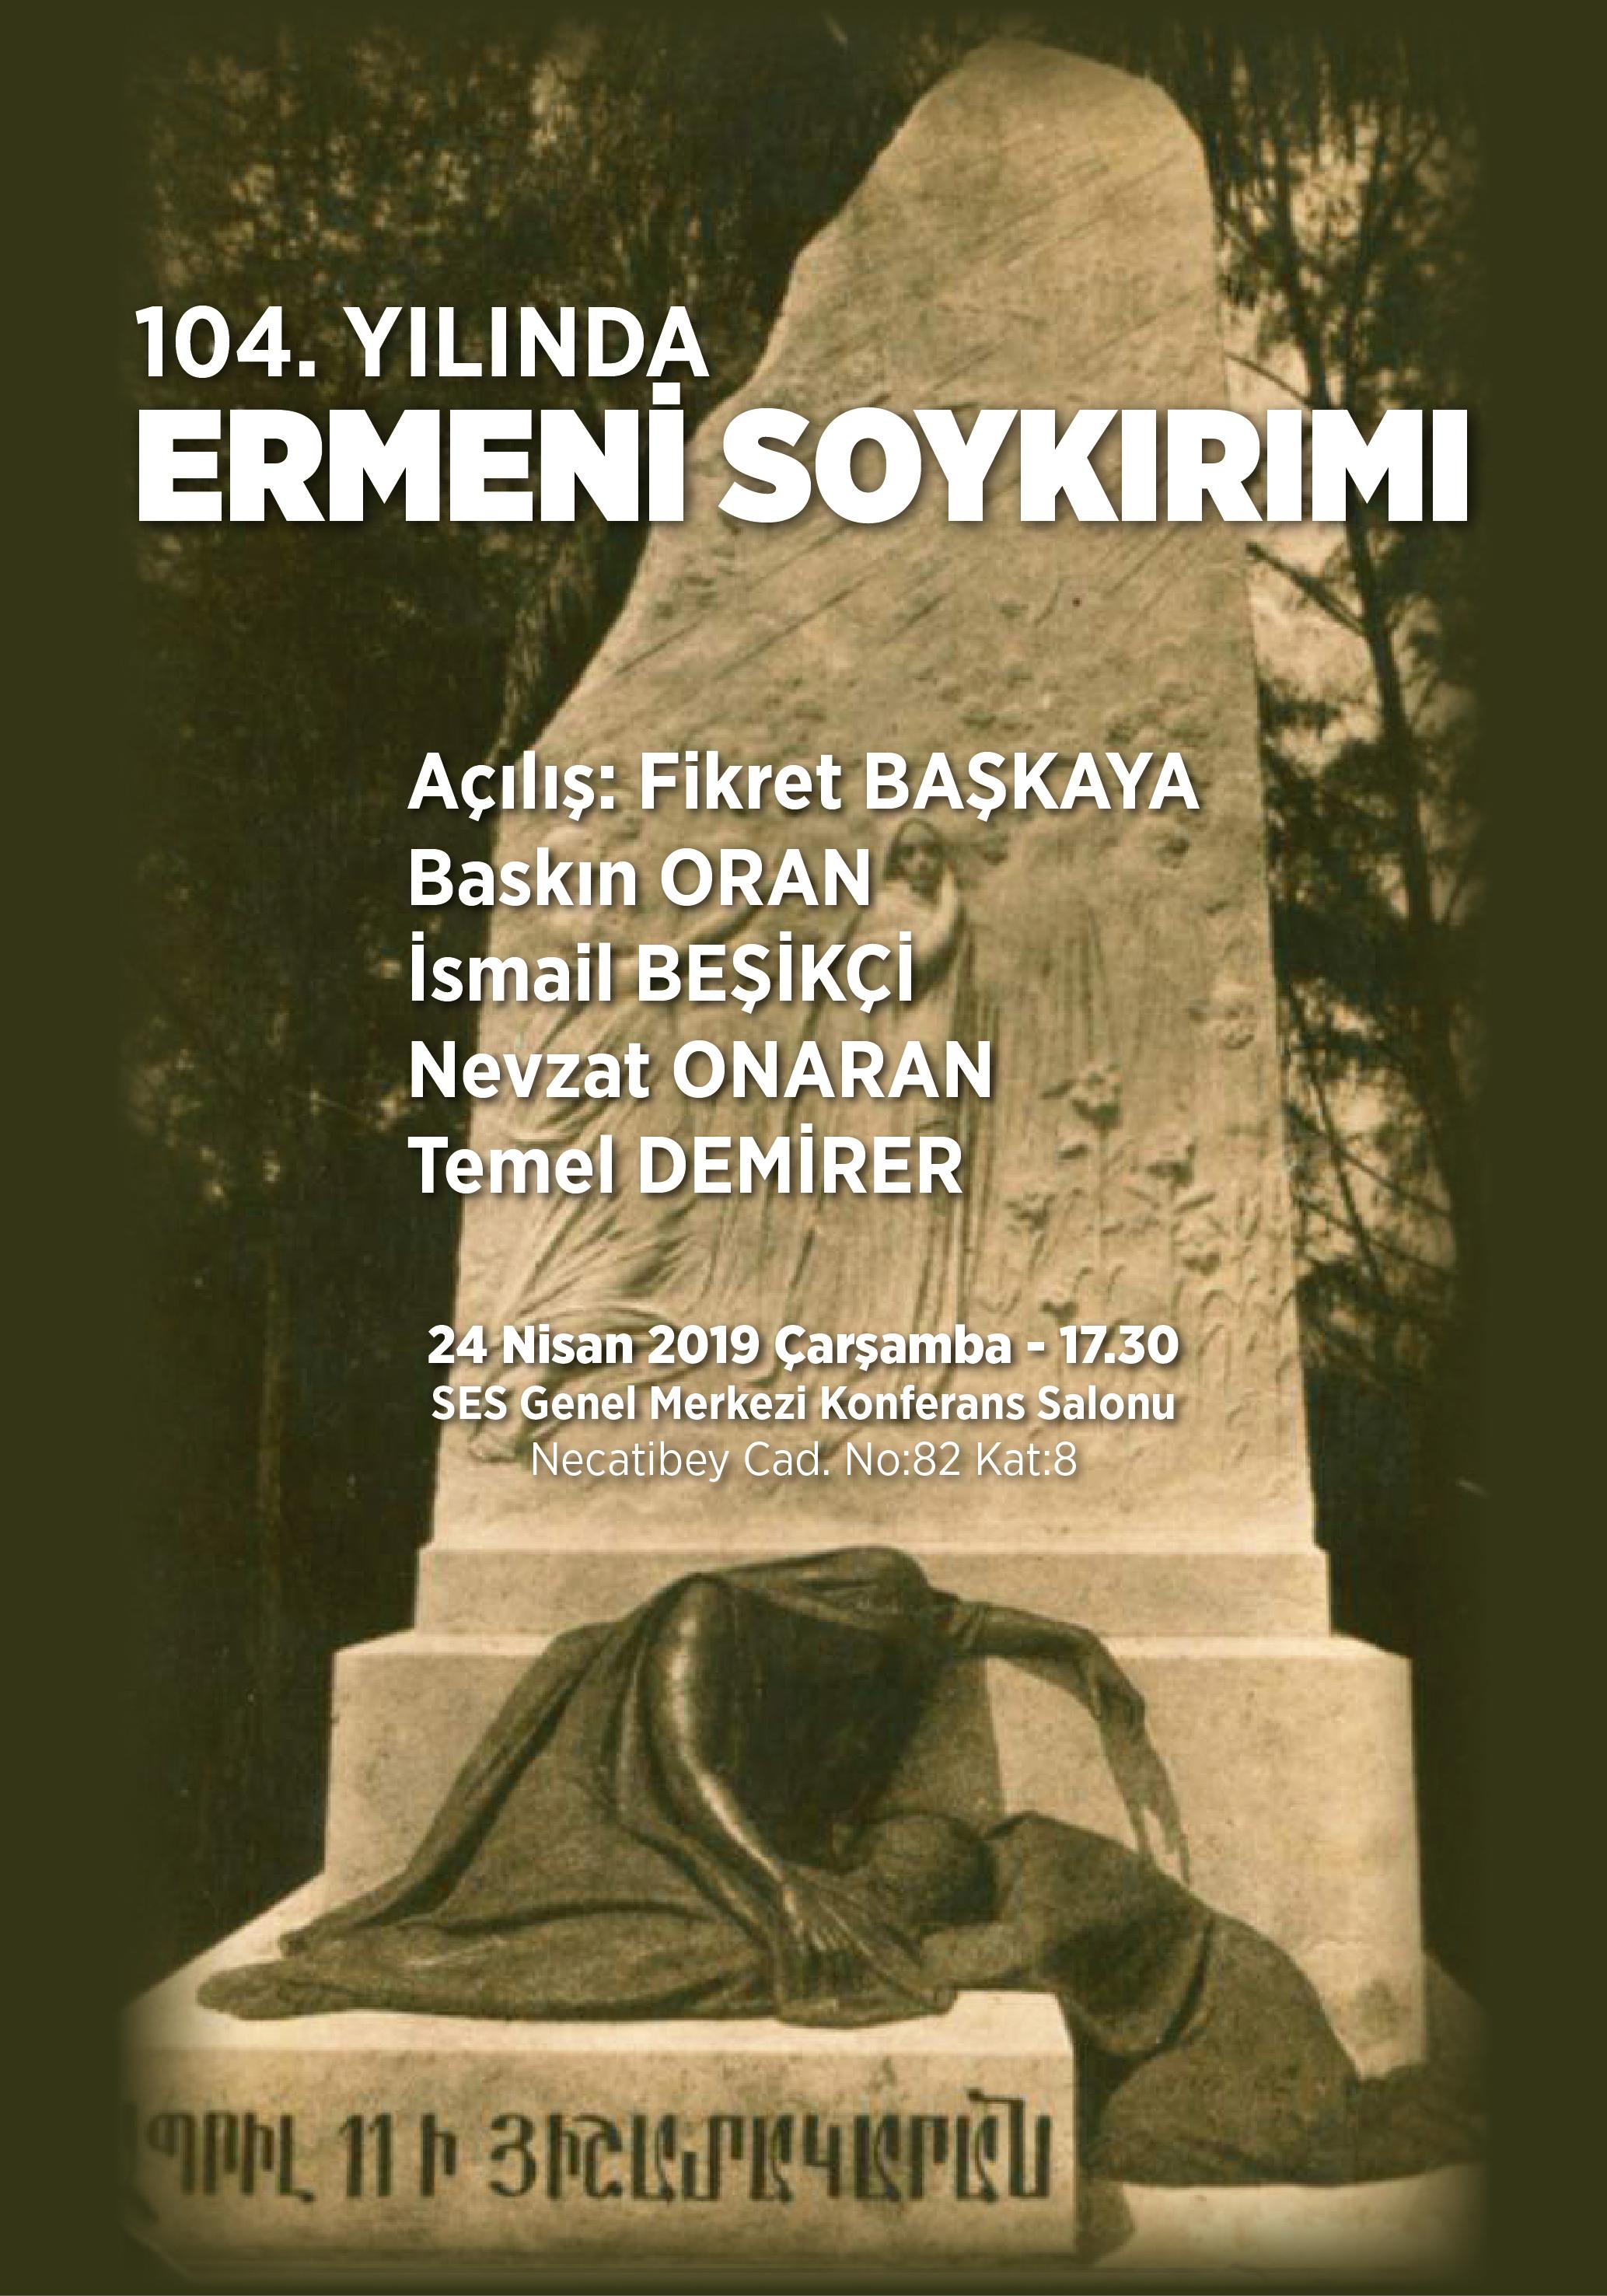 ERMENİ SOYKIRIMI AFİŞ-01